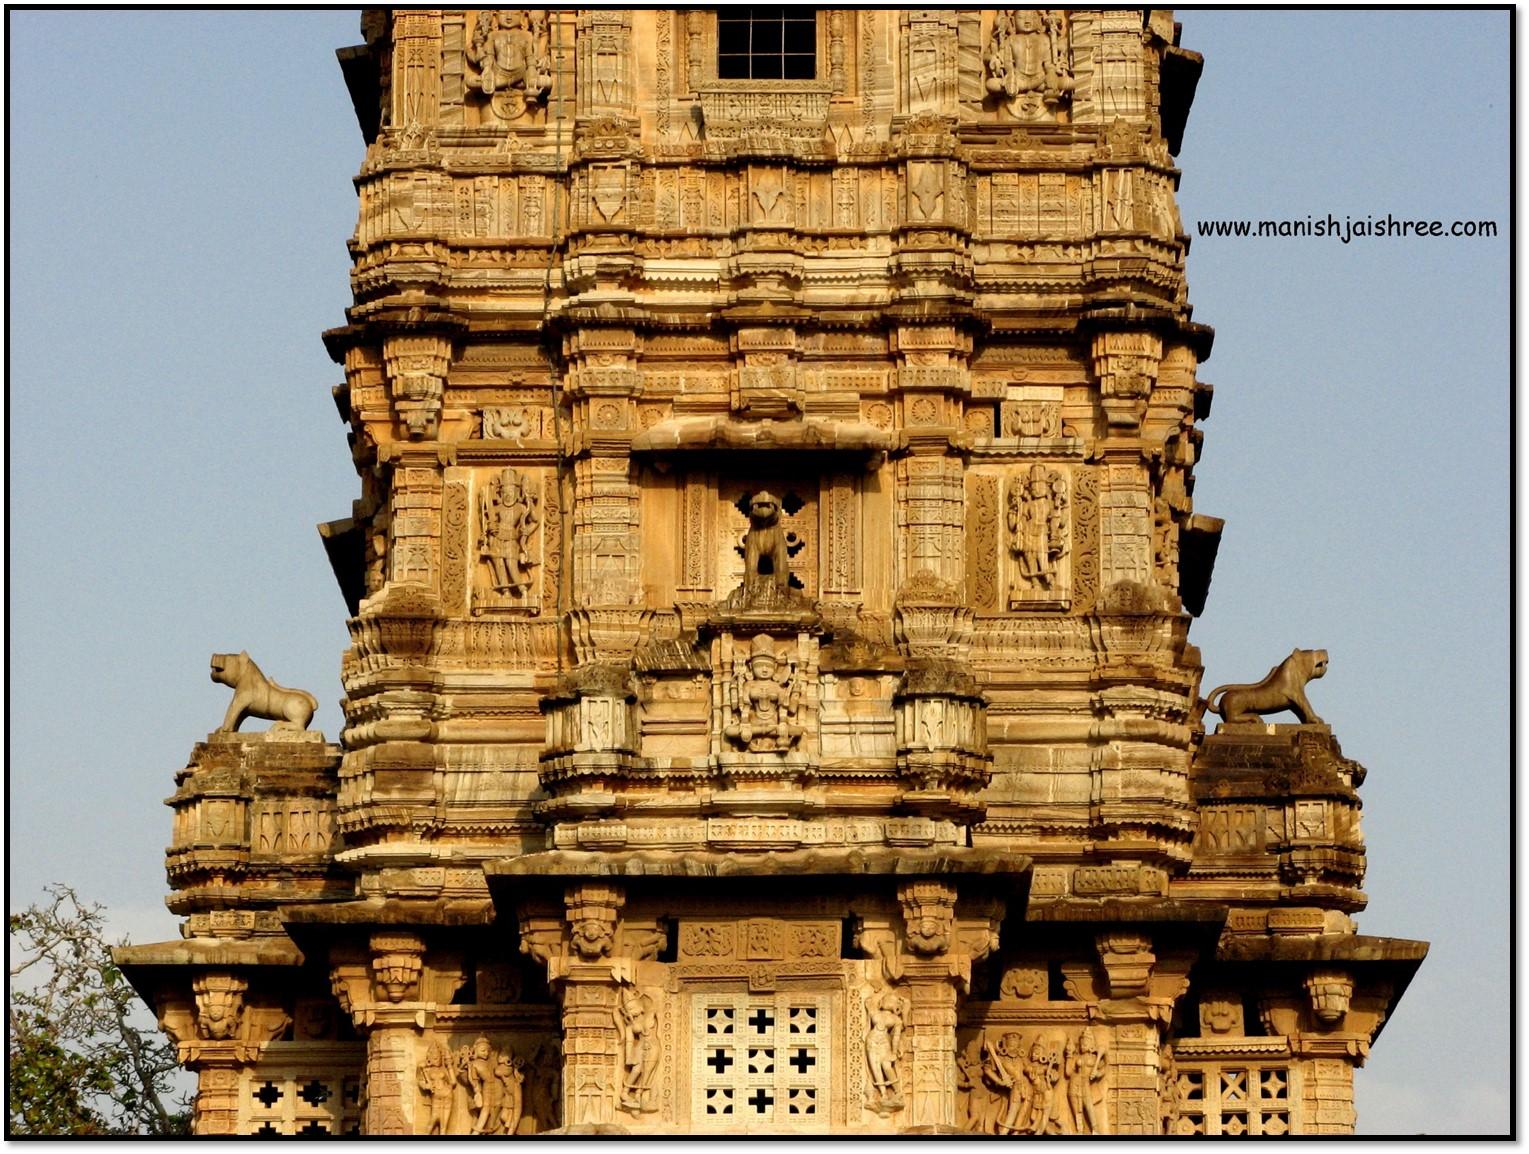 Close-up of Vijay Stambh